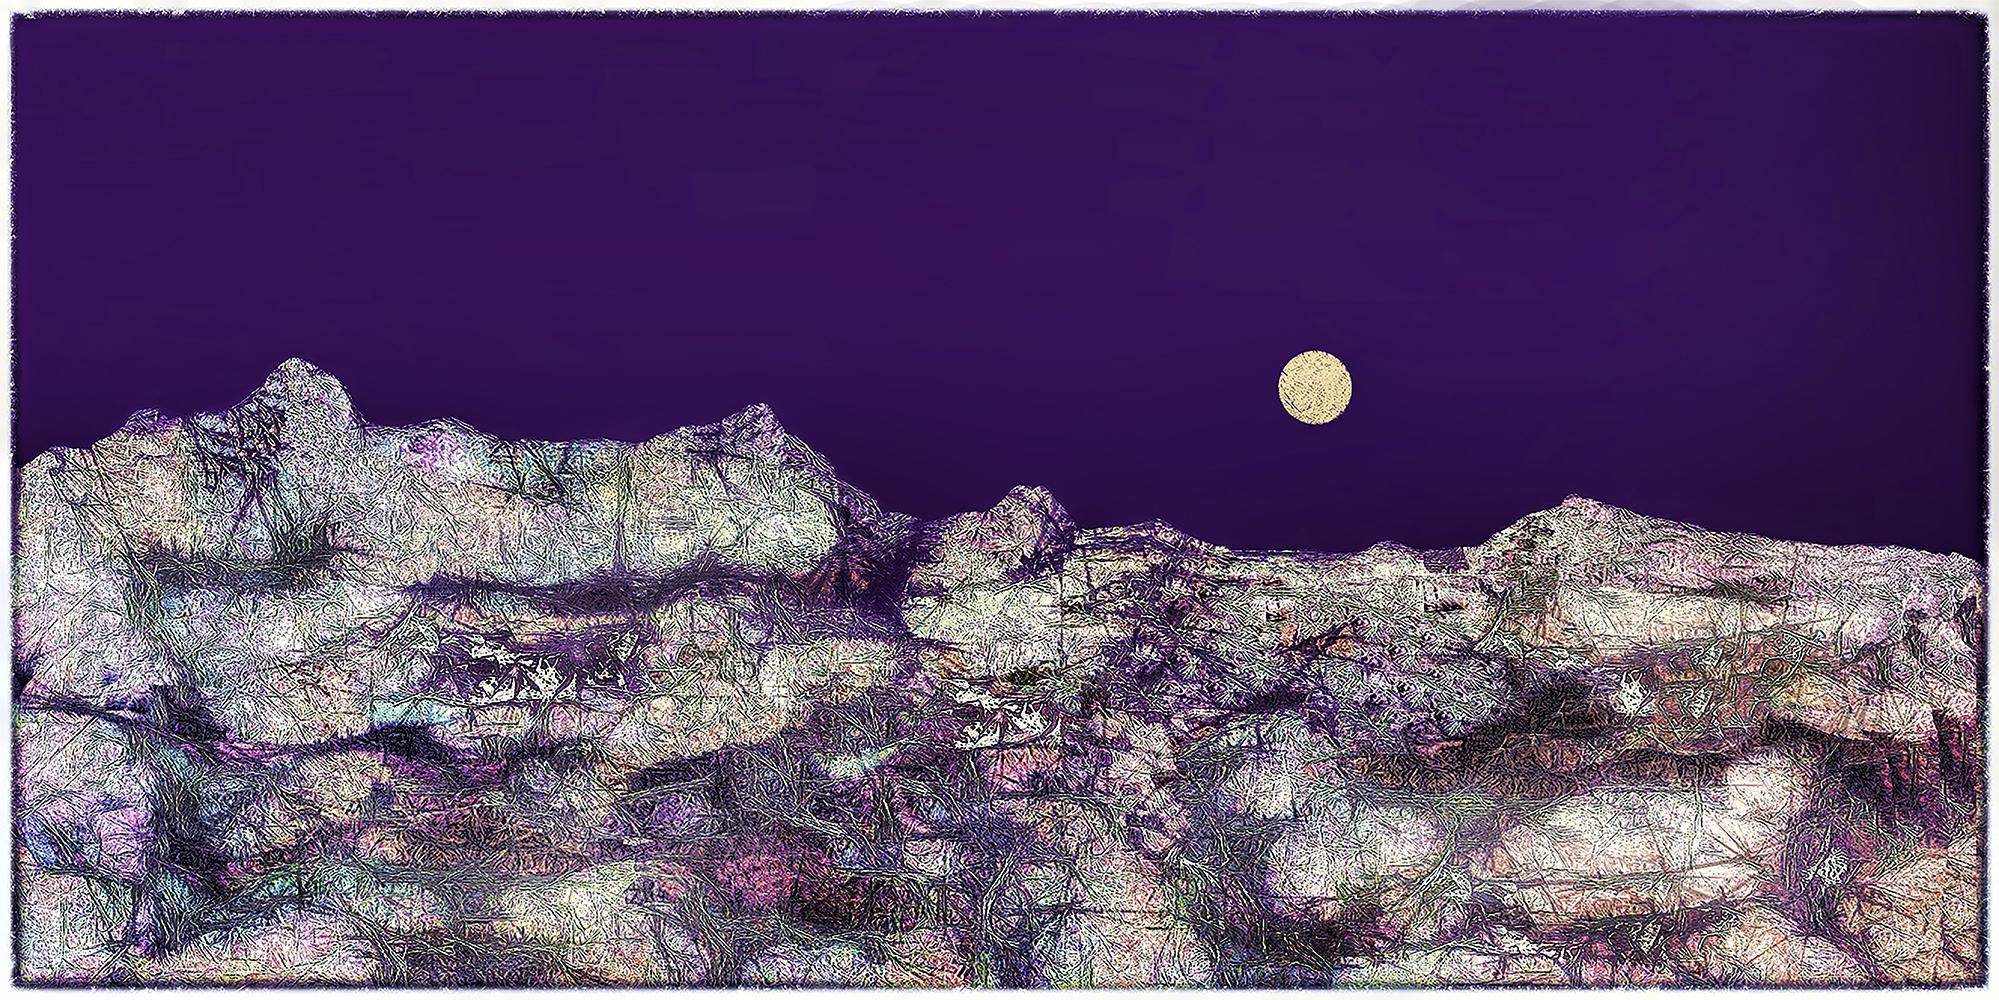 faux landscape 11